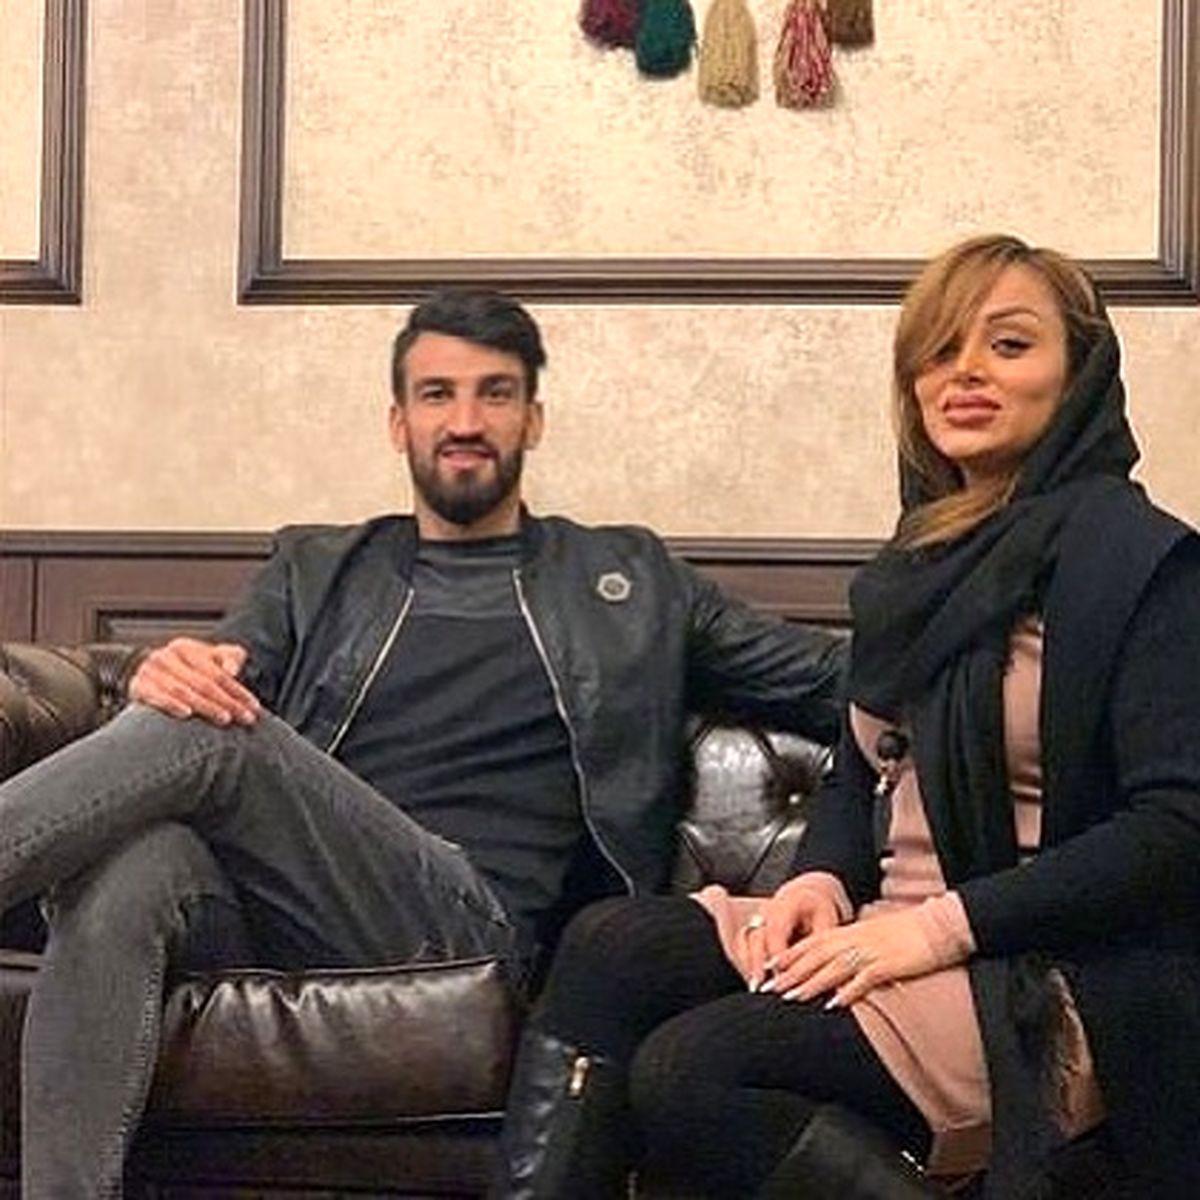 چهره فشن و لباس عجیب همسر حسین ماهینی + عکس